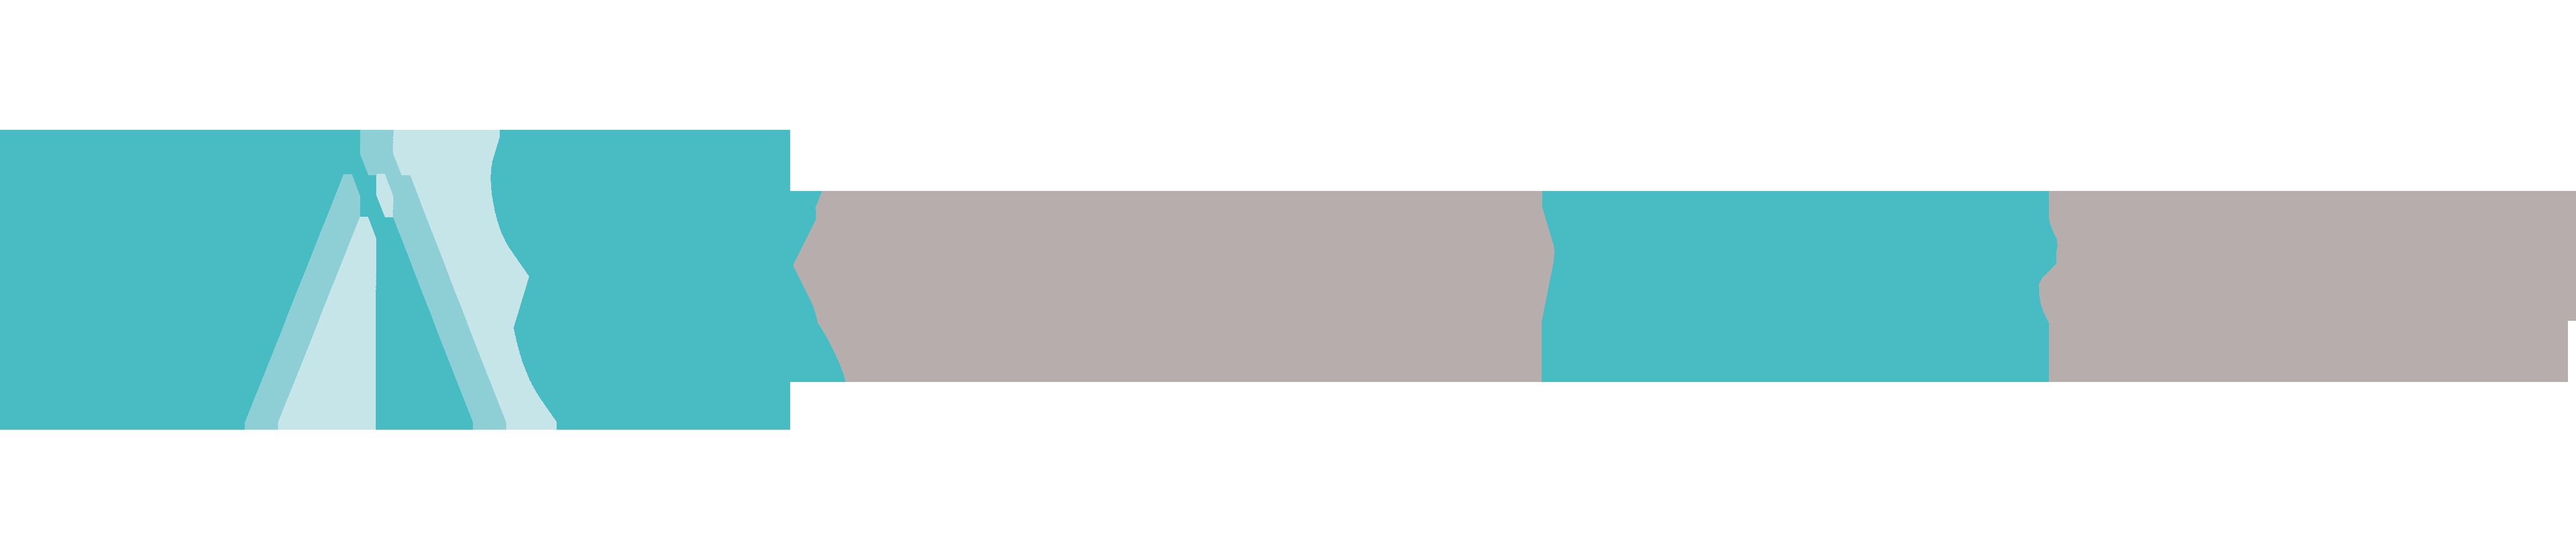 EAS - European Aligner Society